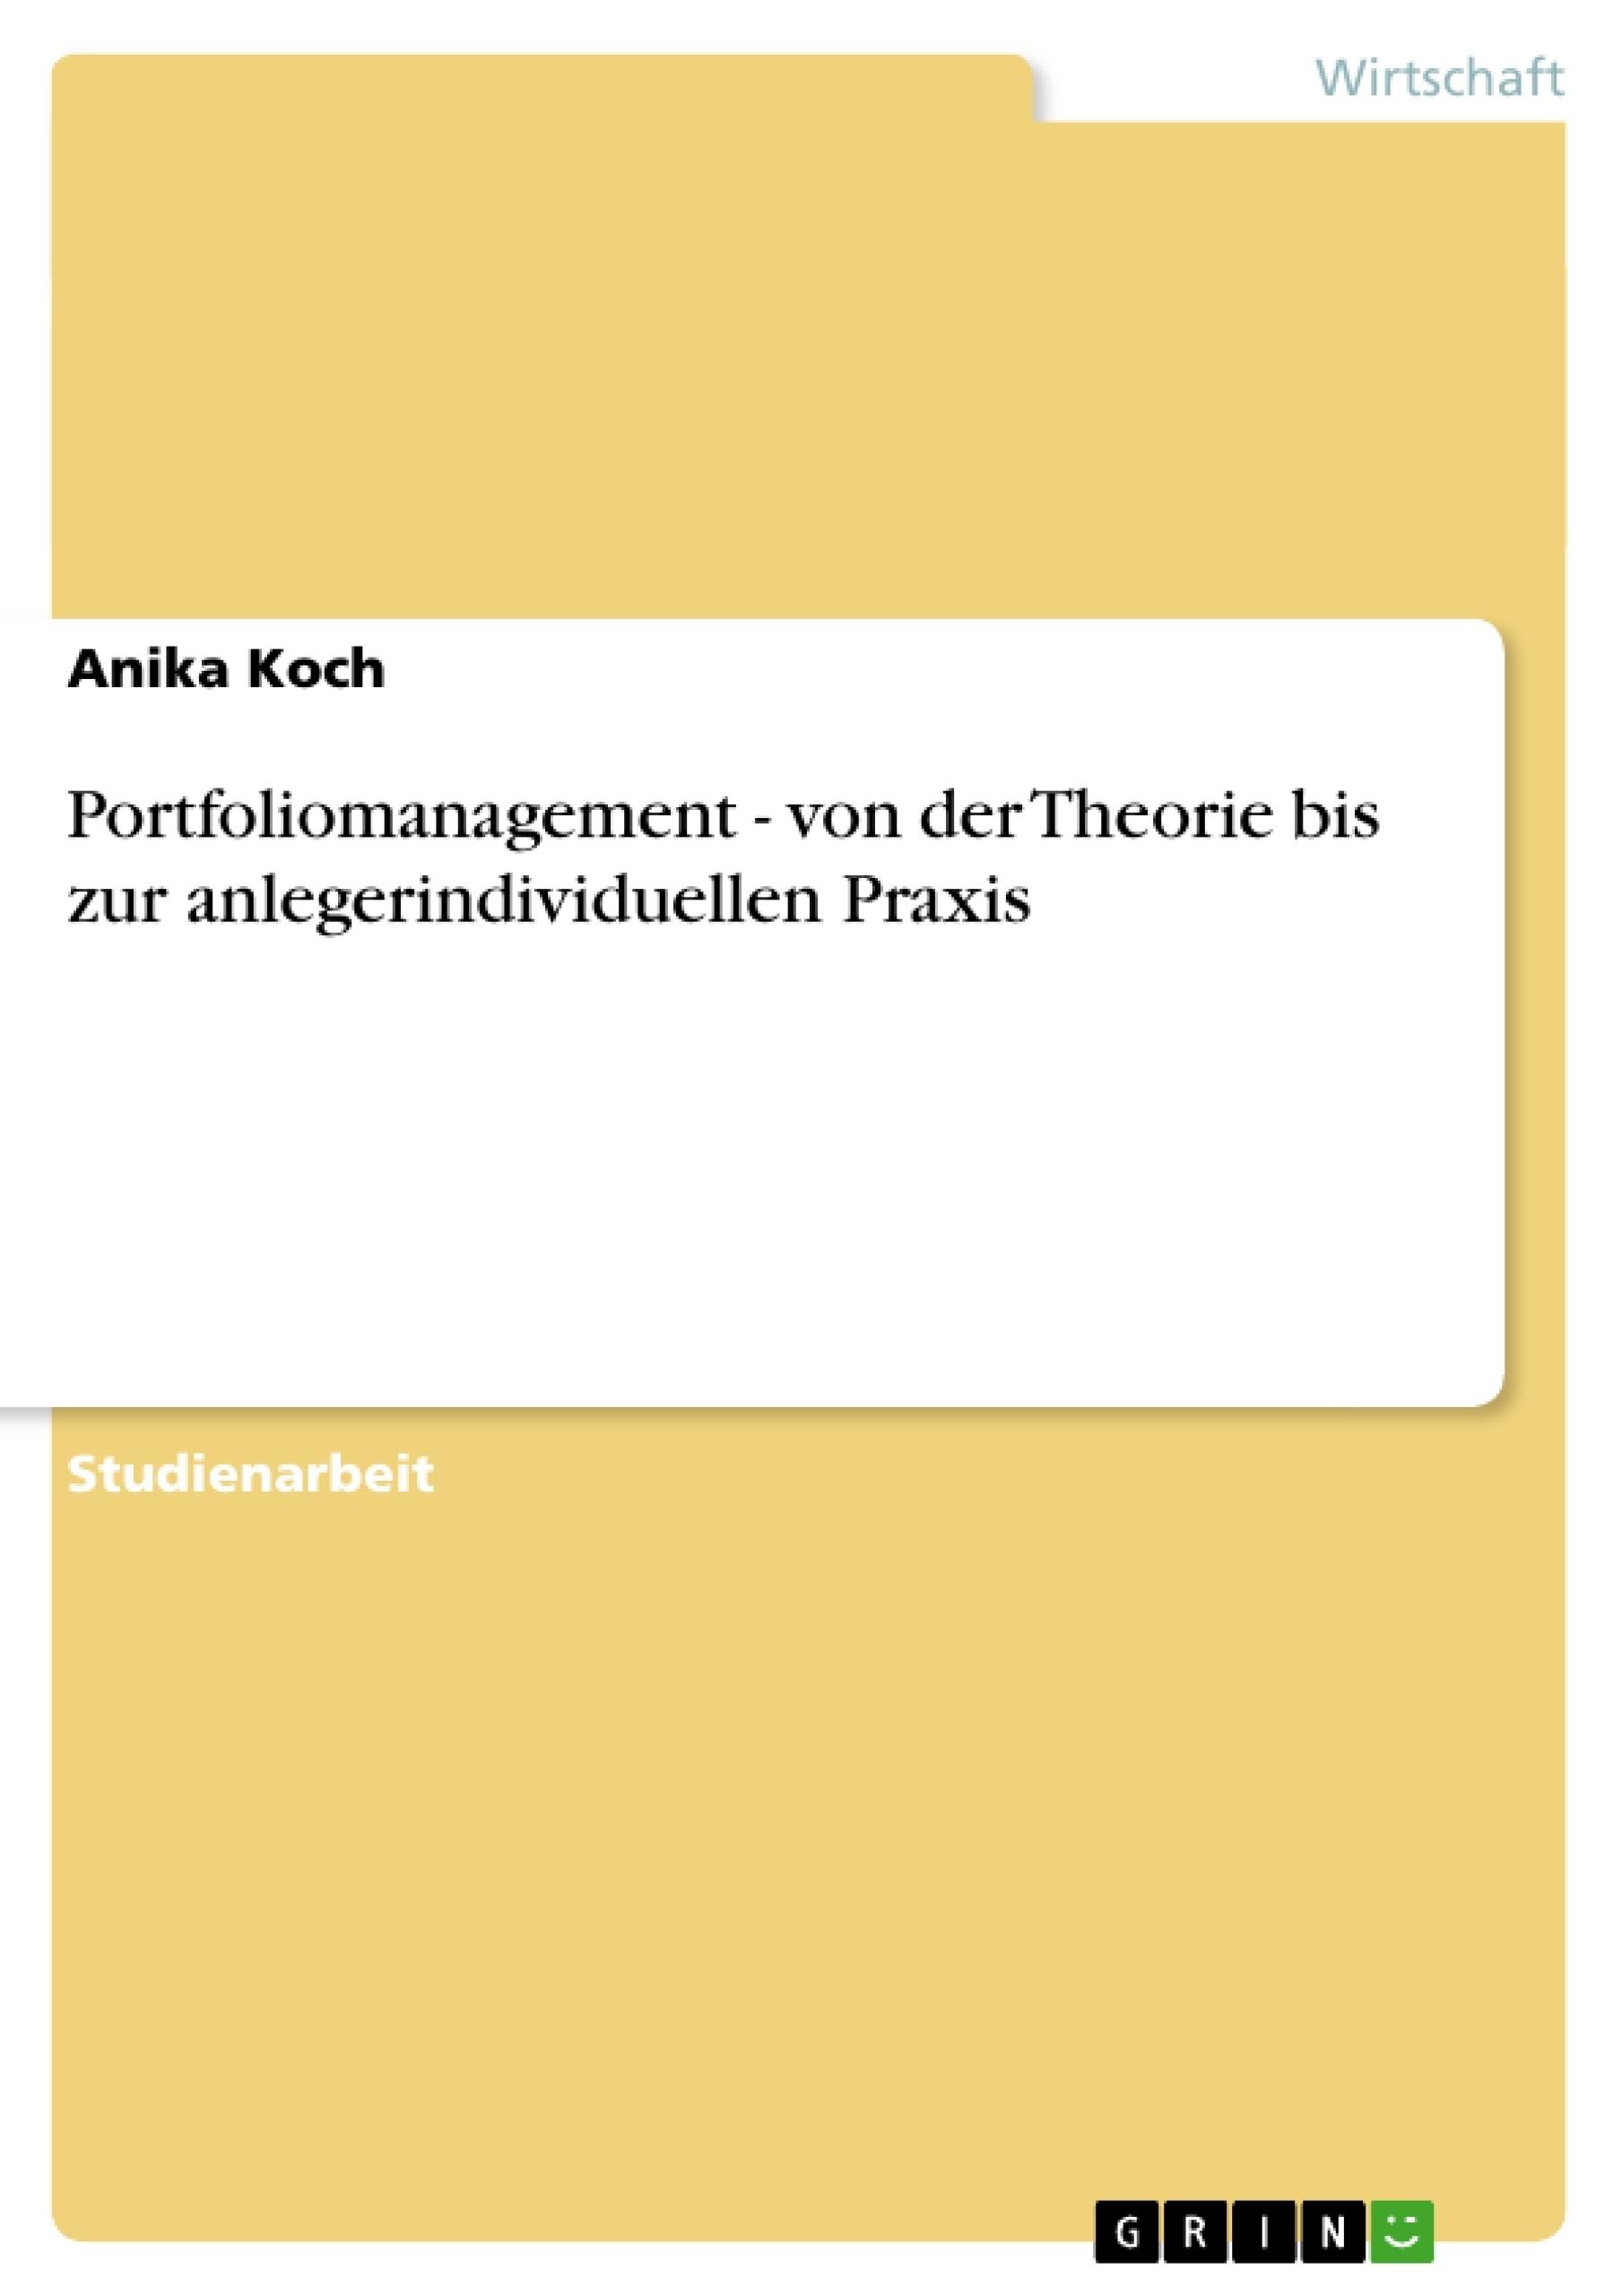 Titel: Portfoliomanagement - von der Theorie bis zur anlegerindividuellen Praxis